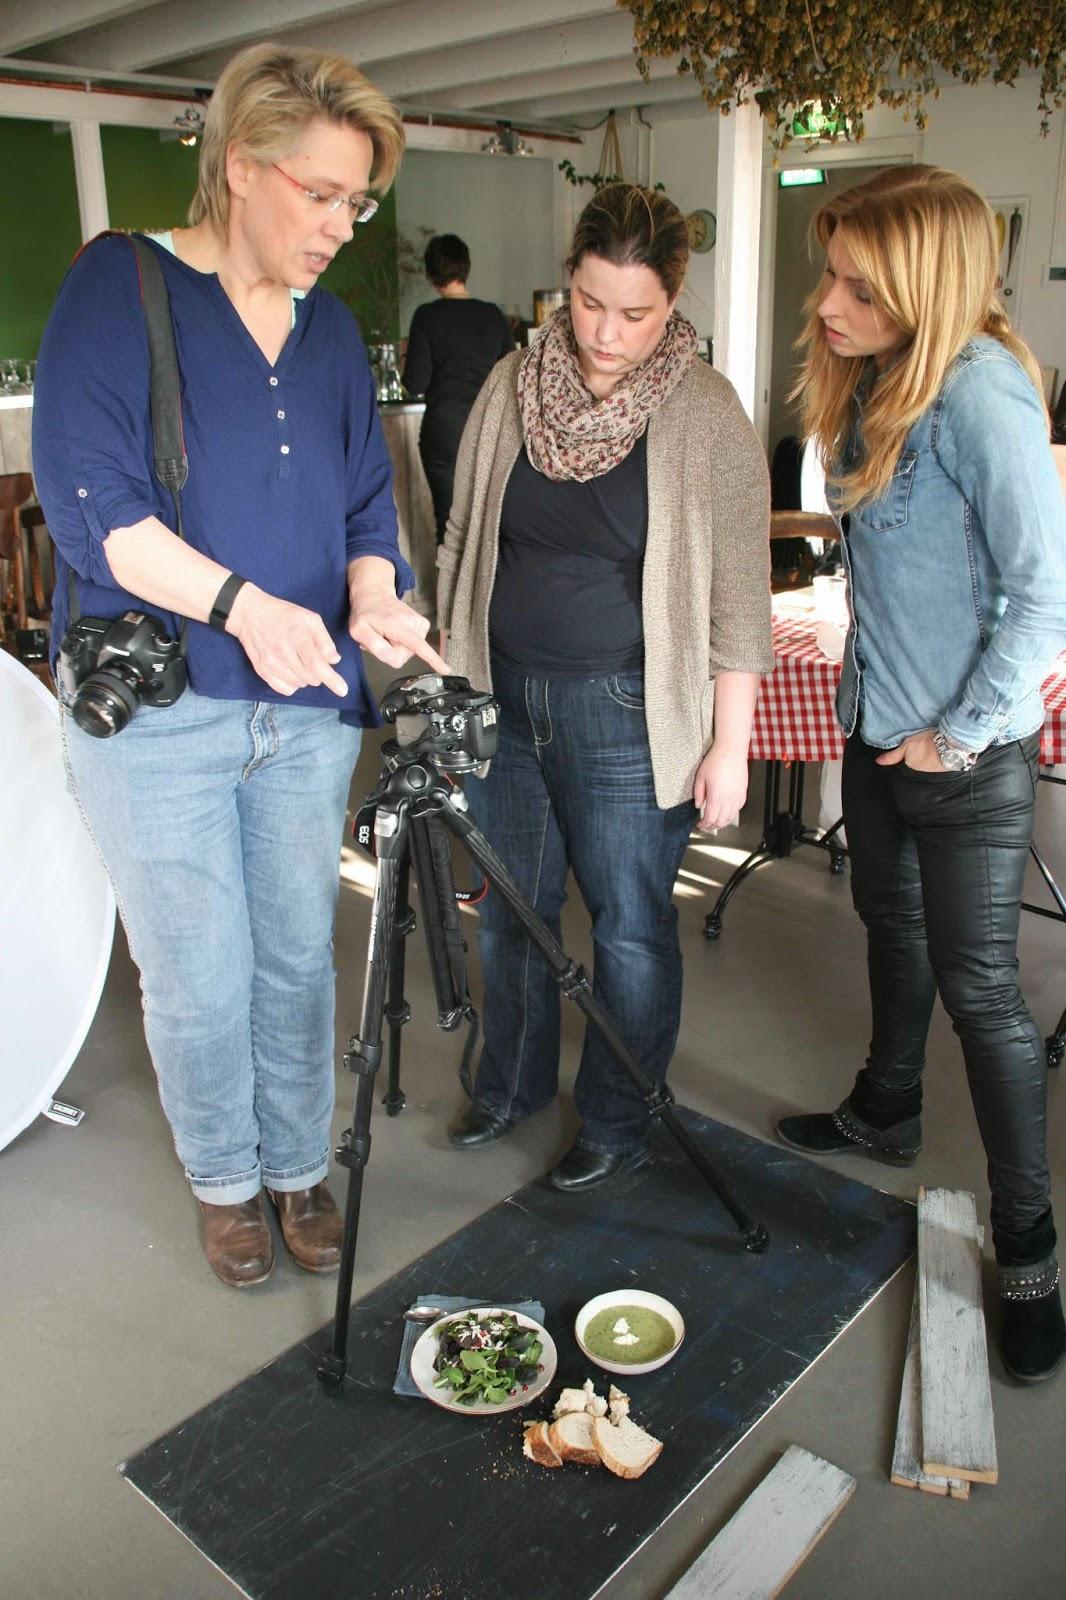 Workshop foodfotografie & styling set up